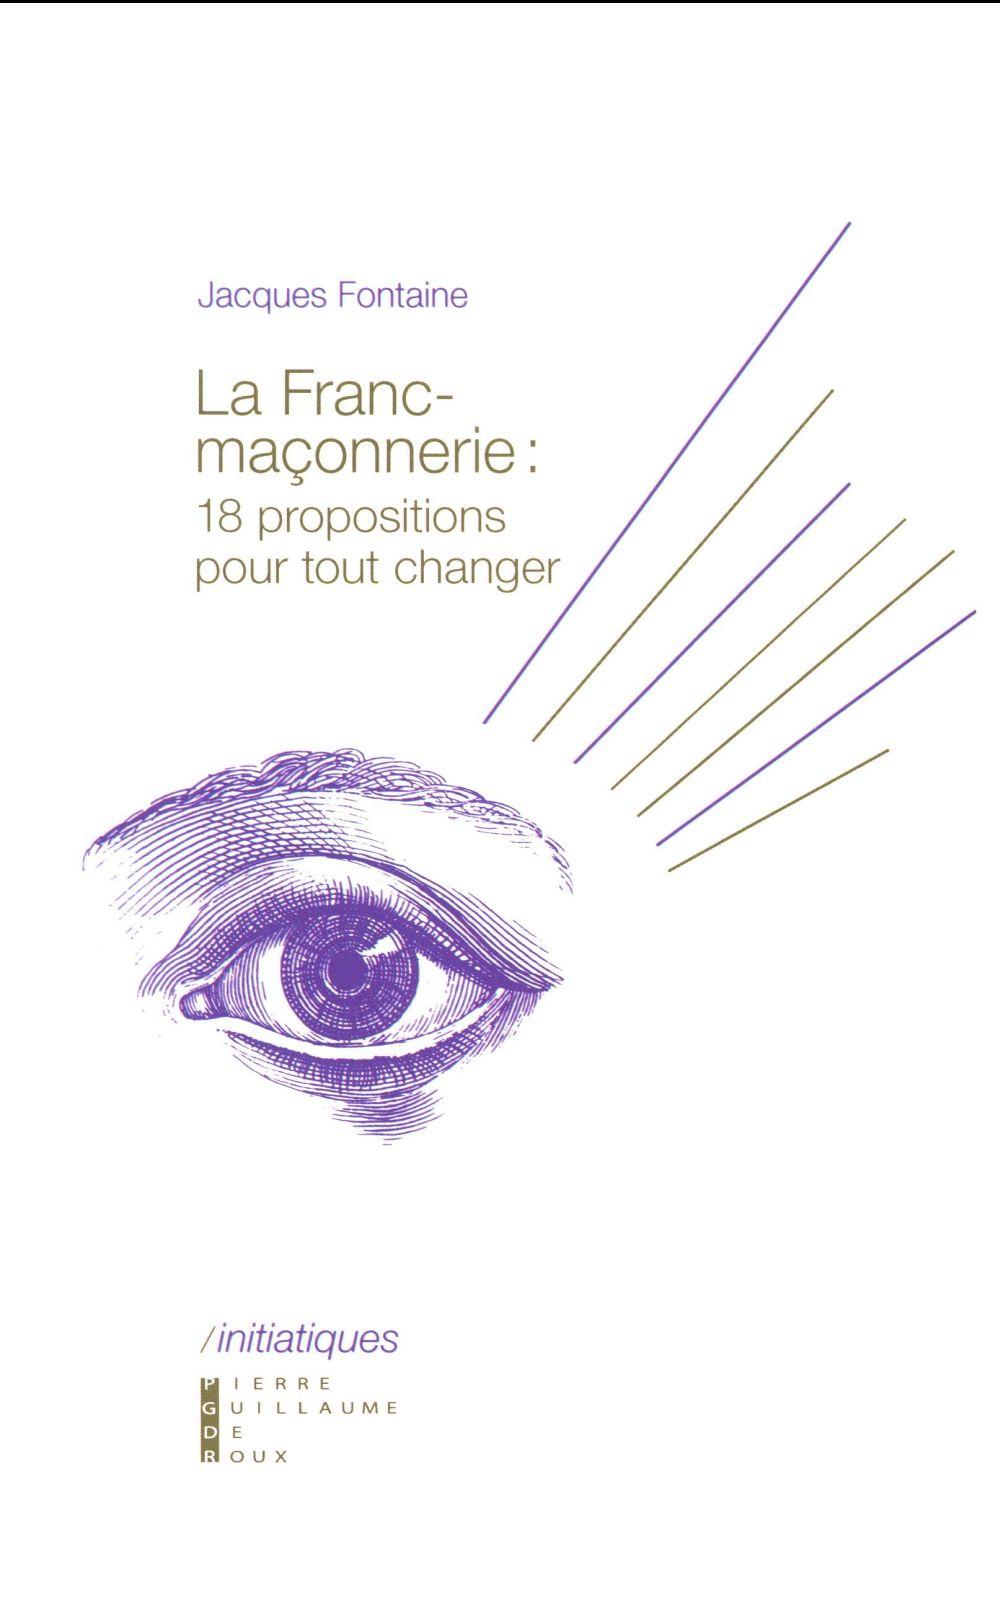 La franc-maçonnerie ; 18 propositions pour tout changer